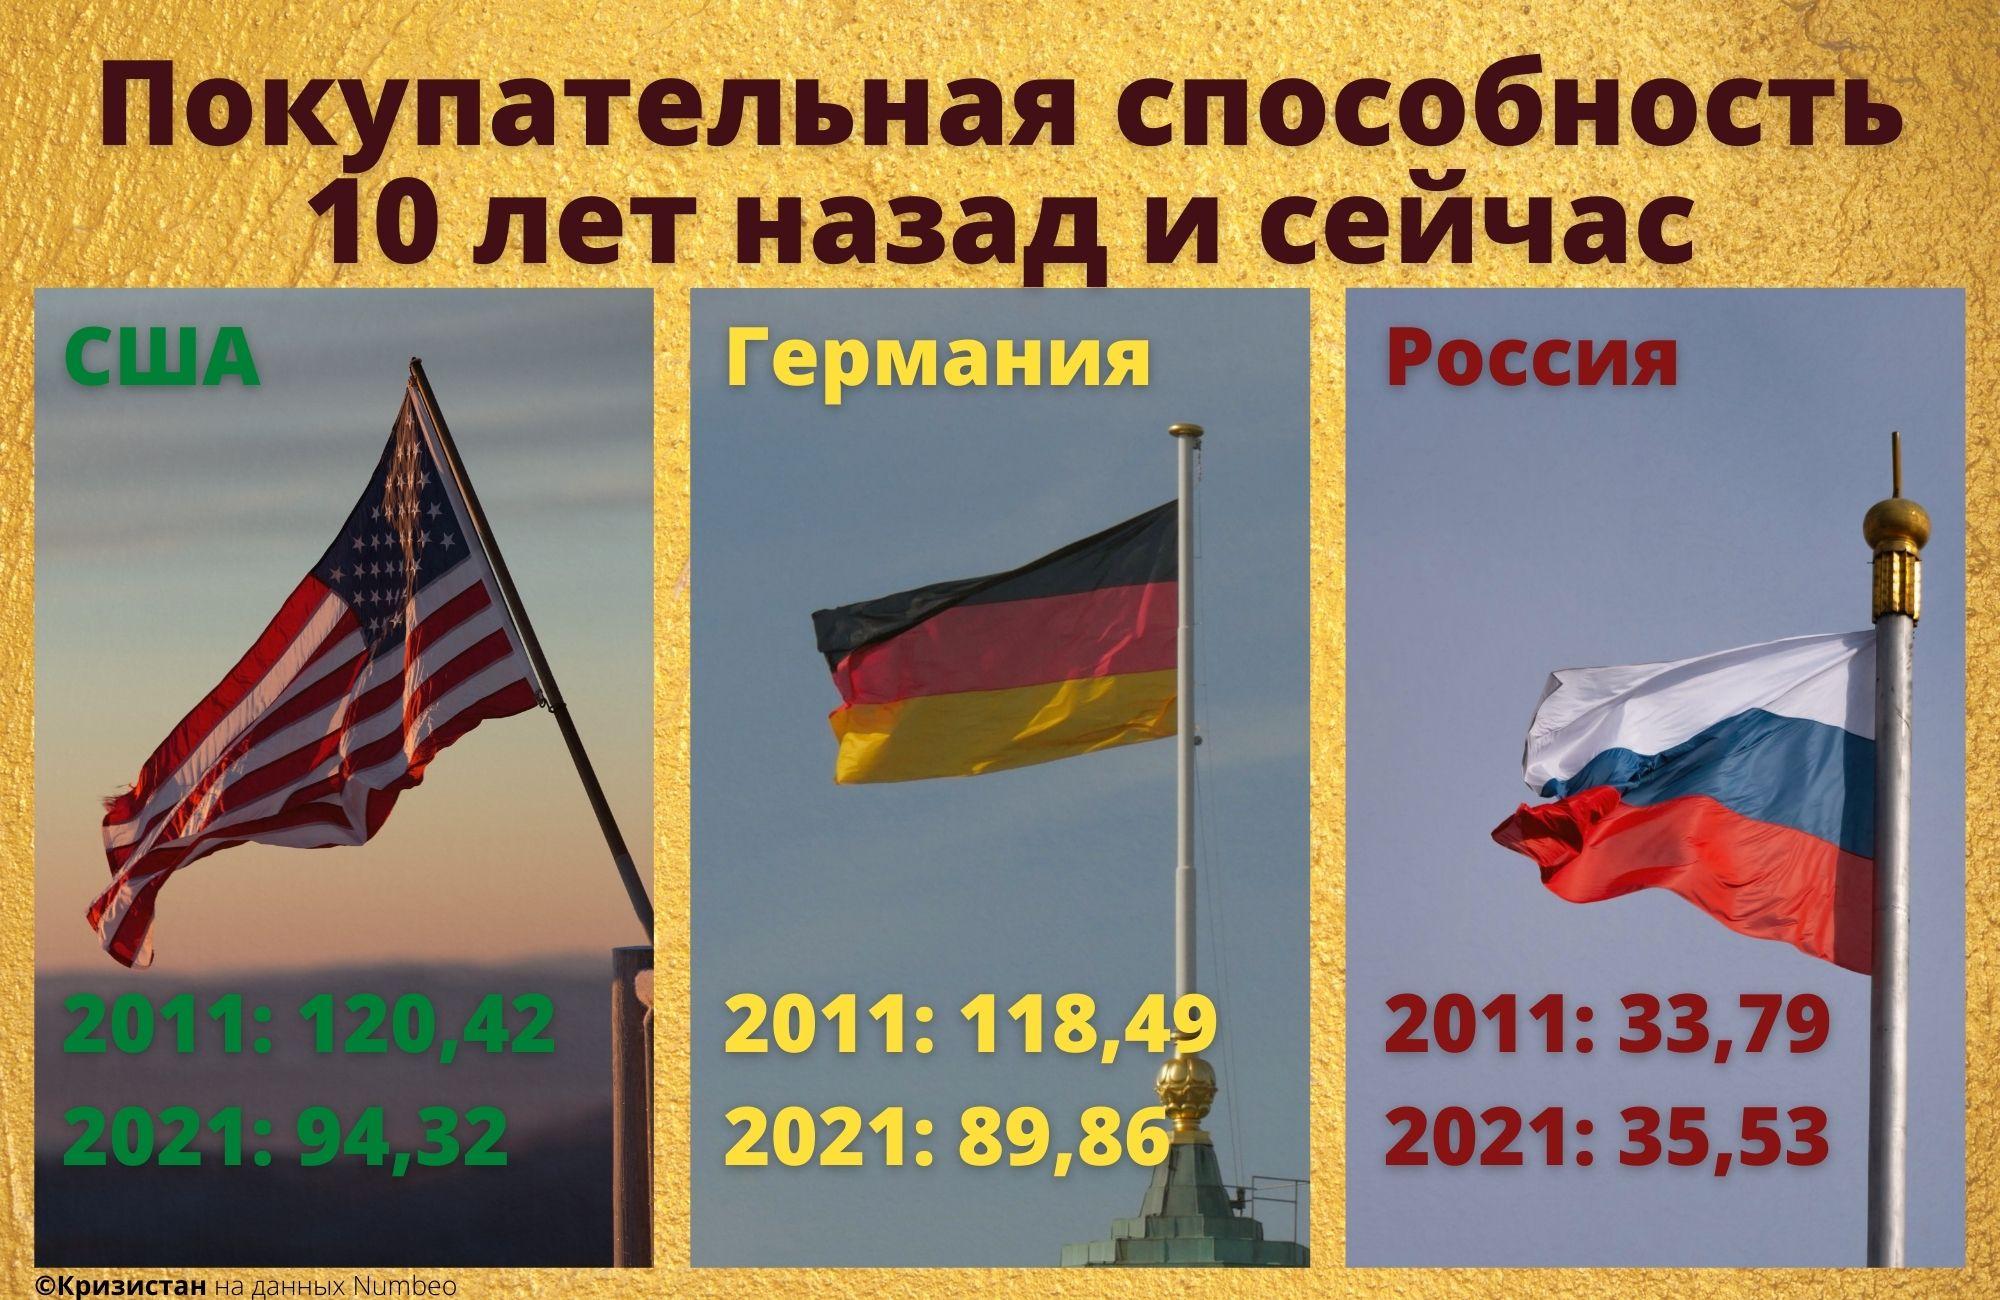 Покупательная способность населения в РФ, США и Германии 2011-2021 год